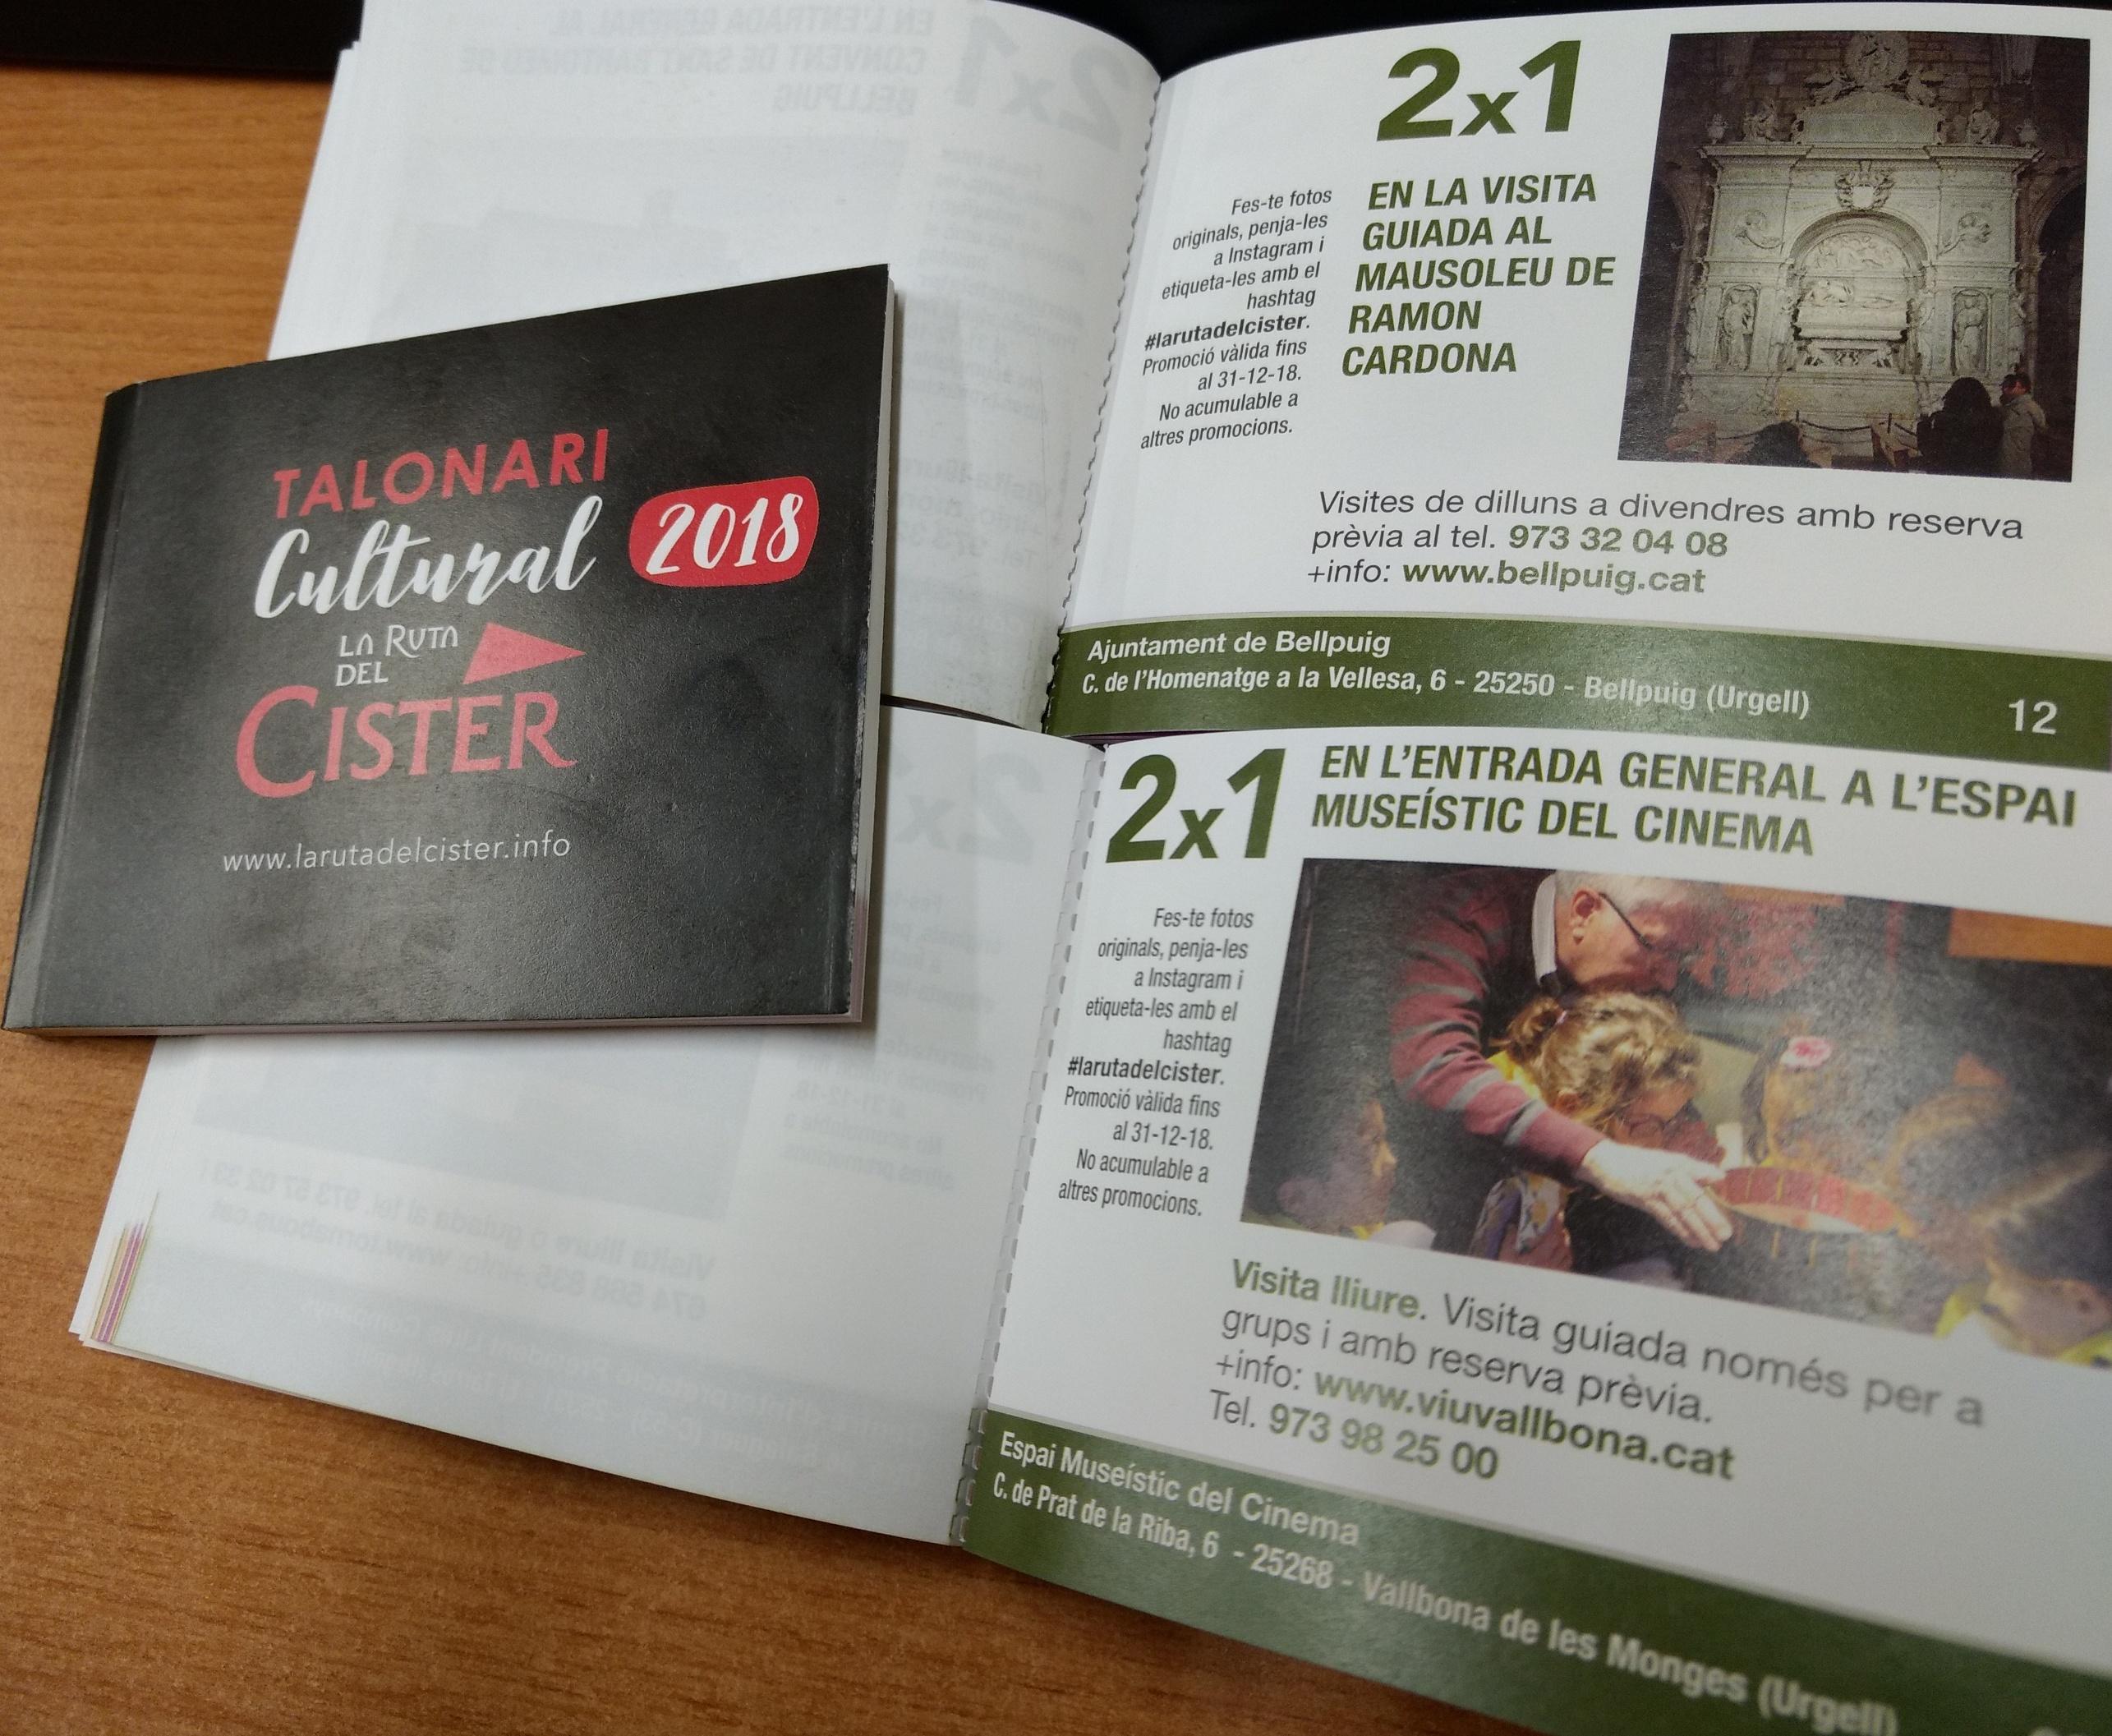 La Ruta del Cister estrena logotip i talonari cultural en motiu de l'Any del Turisme Cultural 2018